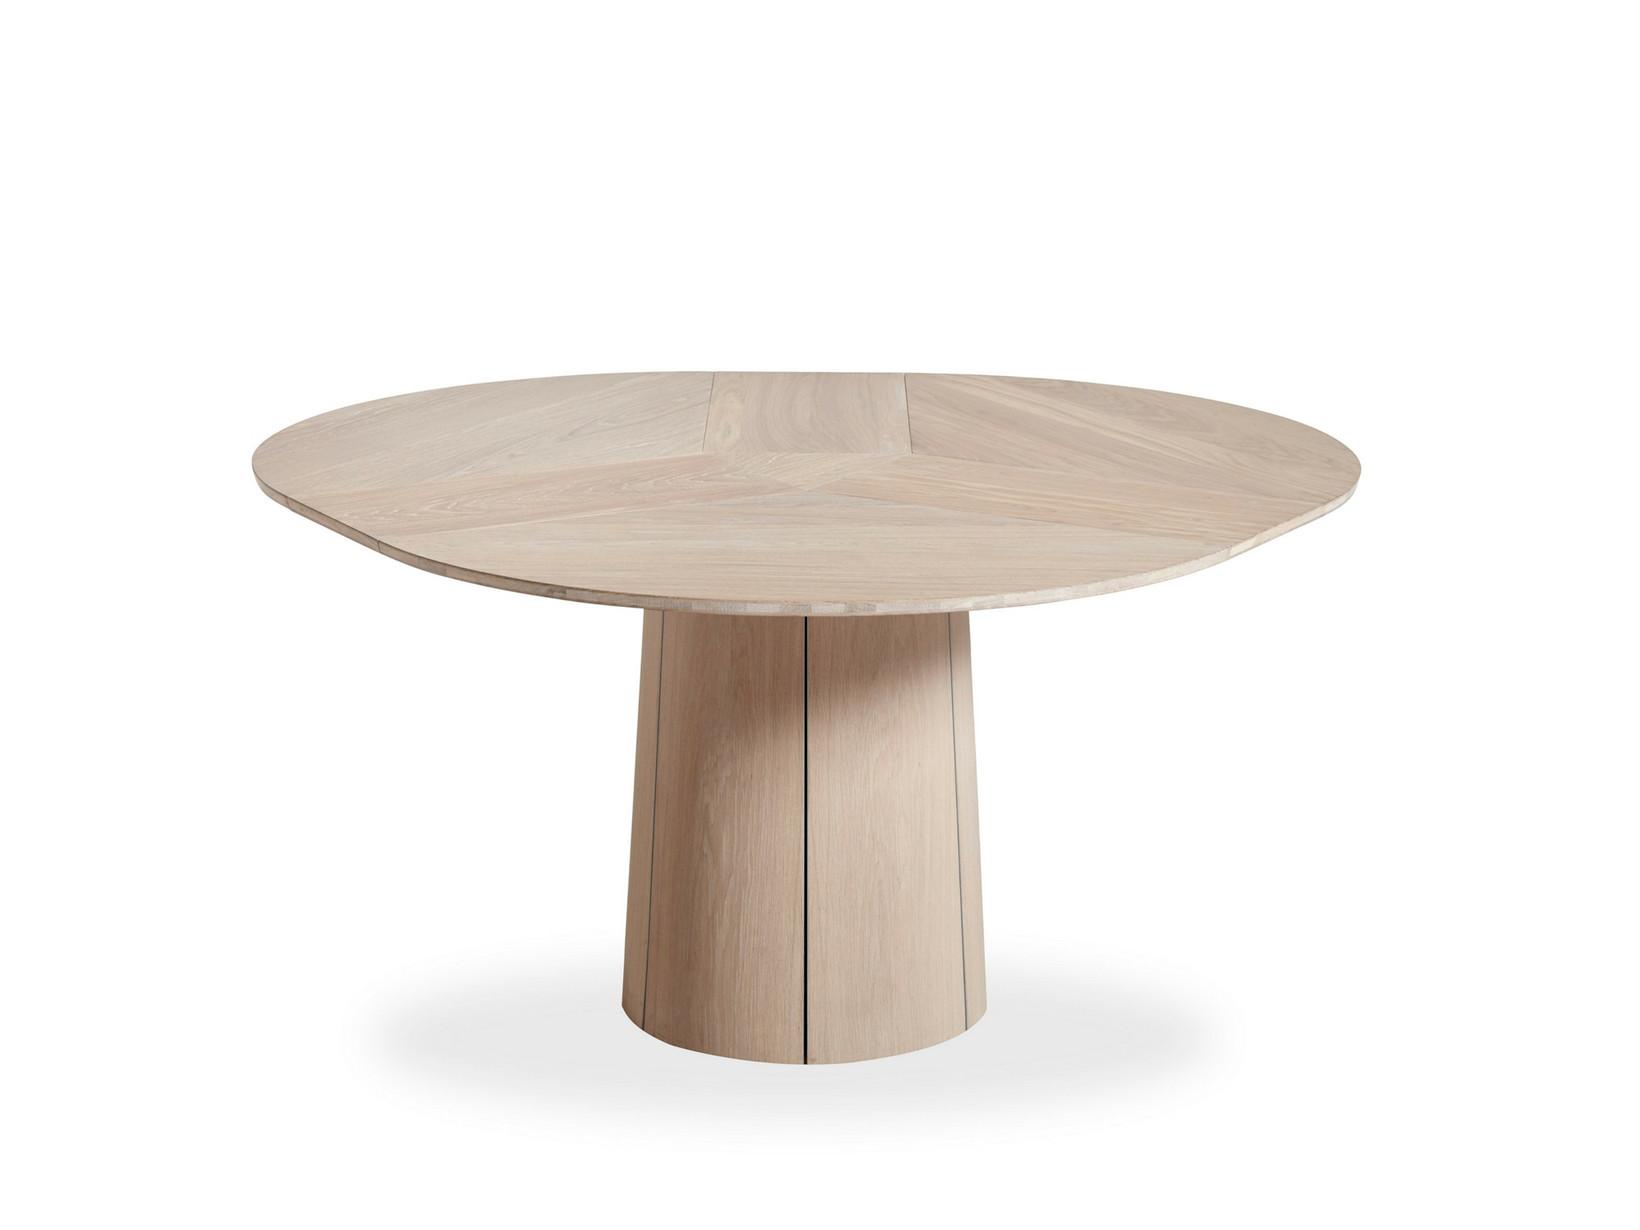 Skovby. Rundt bord af egetræ m. tillægsplader. (3) |